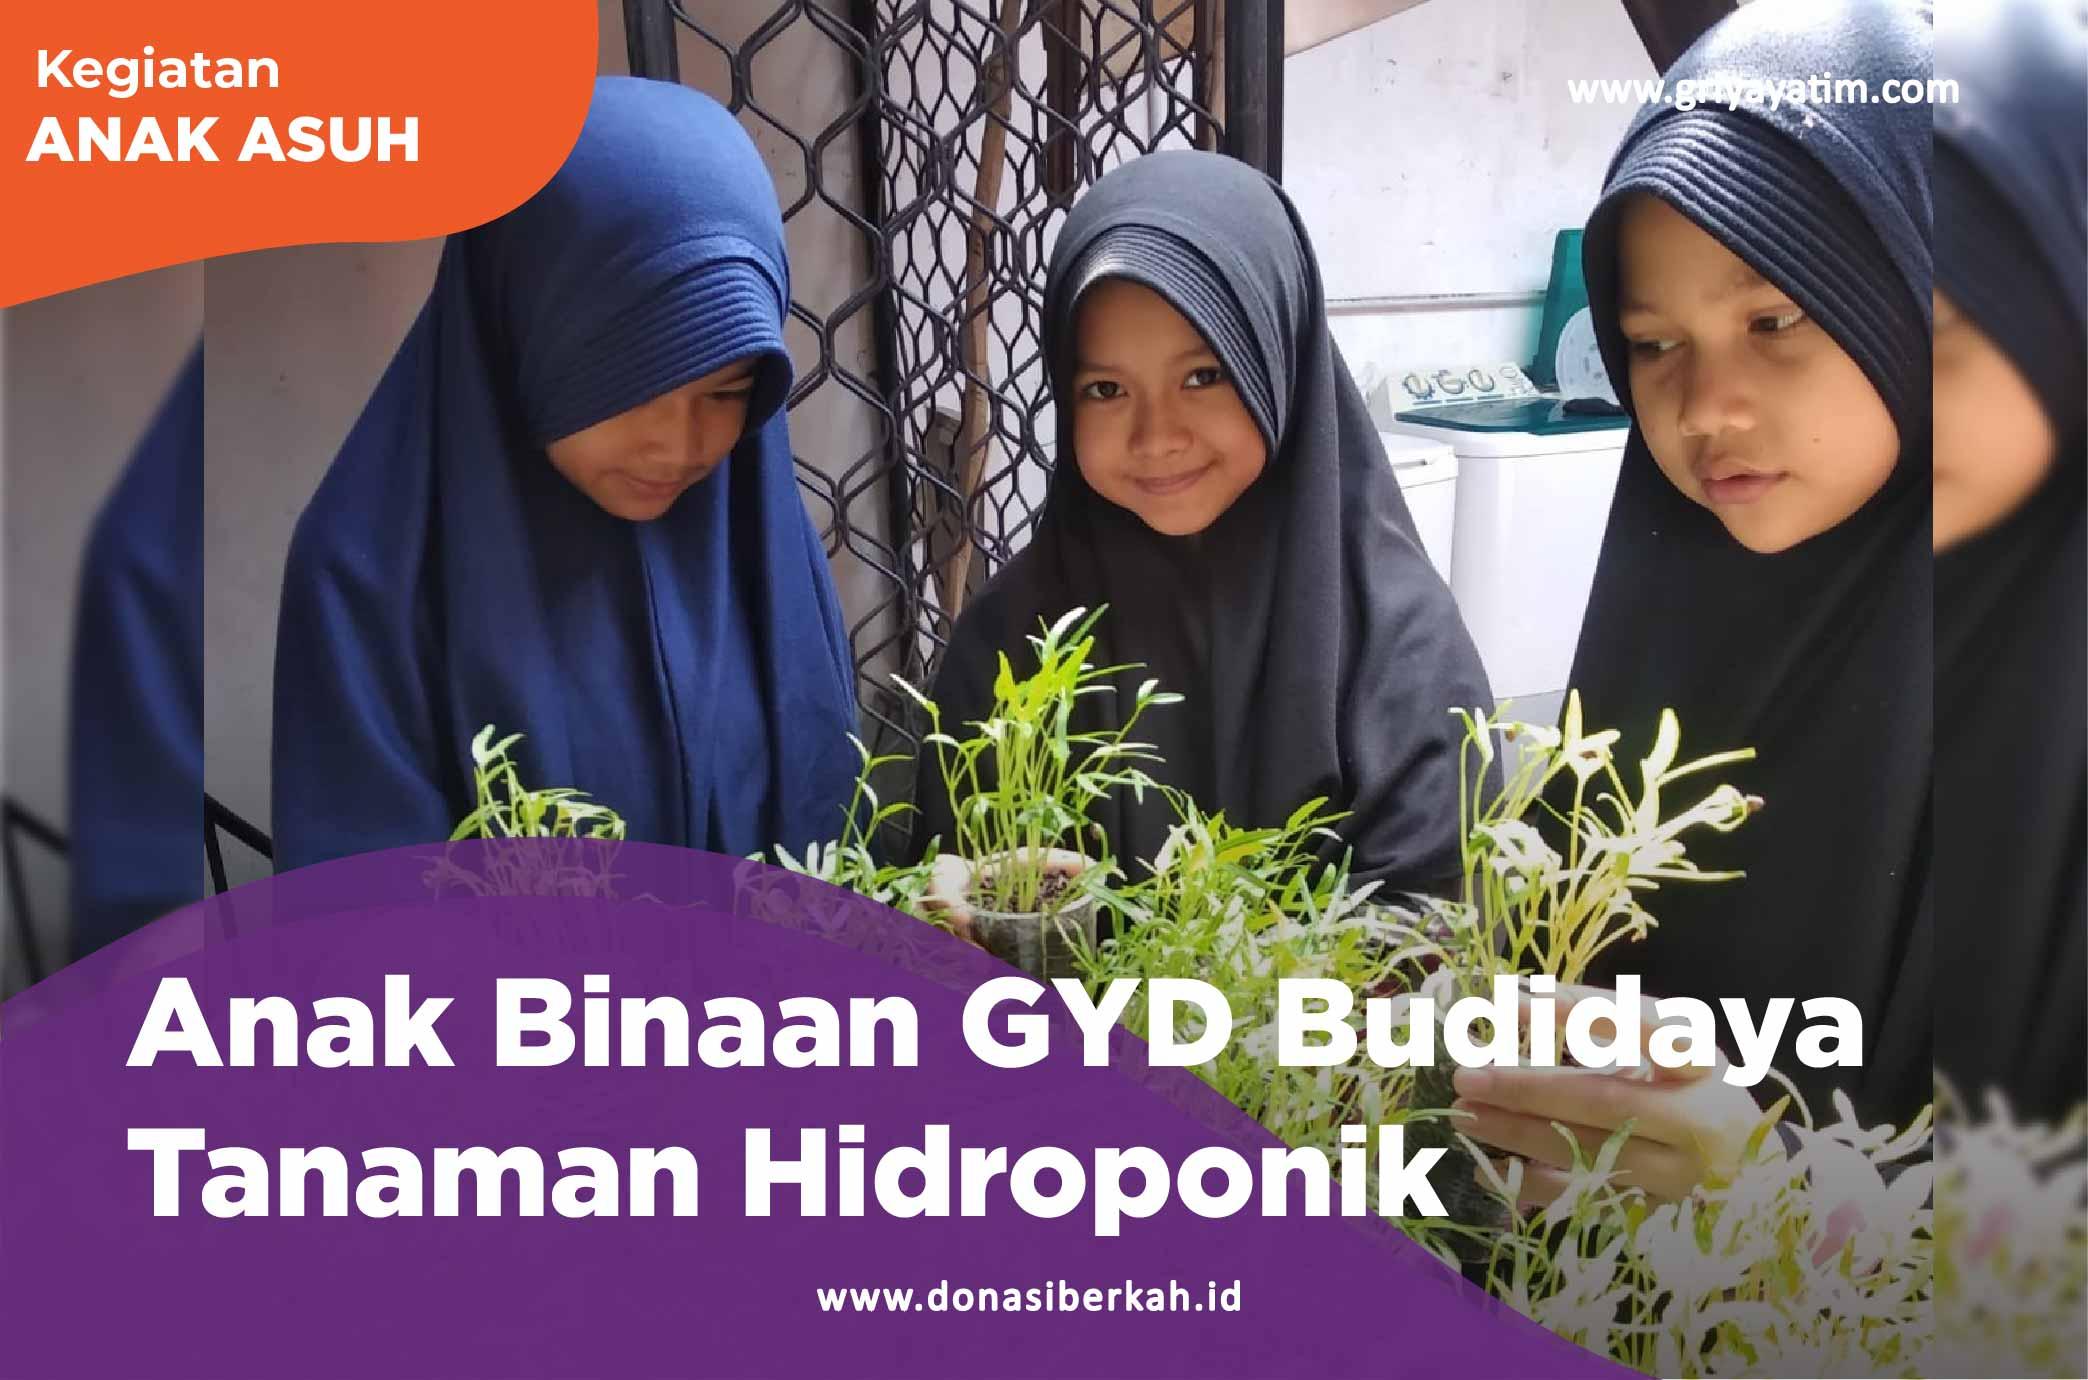 Anak Binaan GYD Budidaya Tanaman Hidroponik